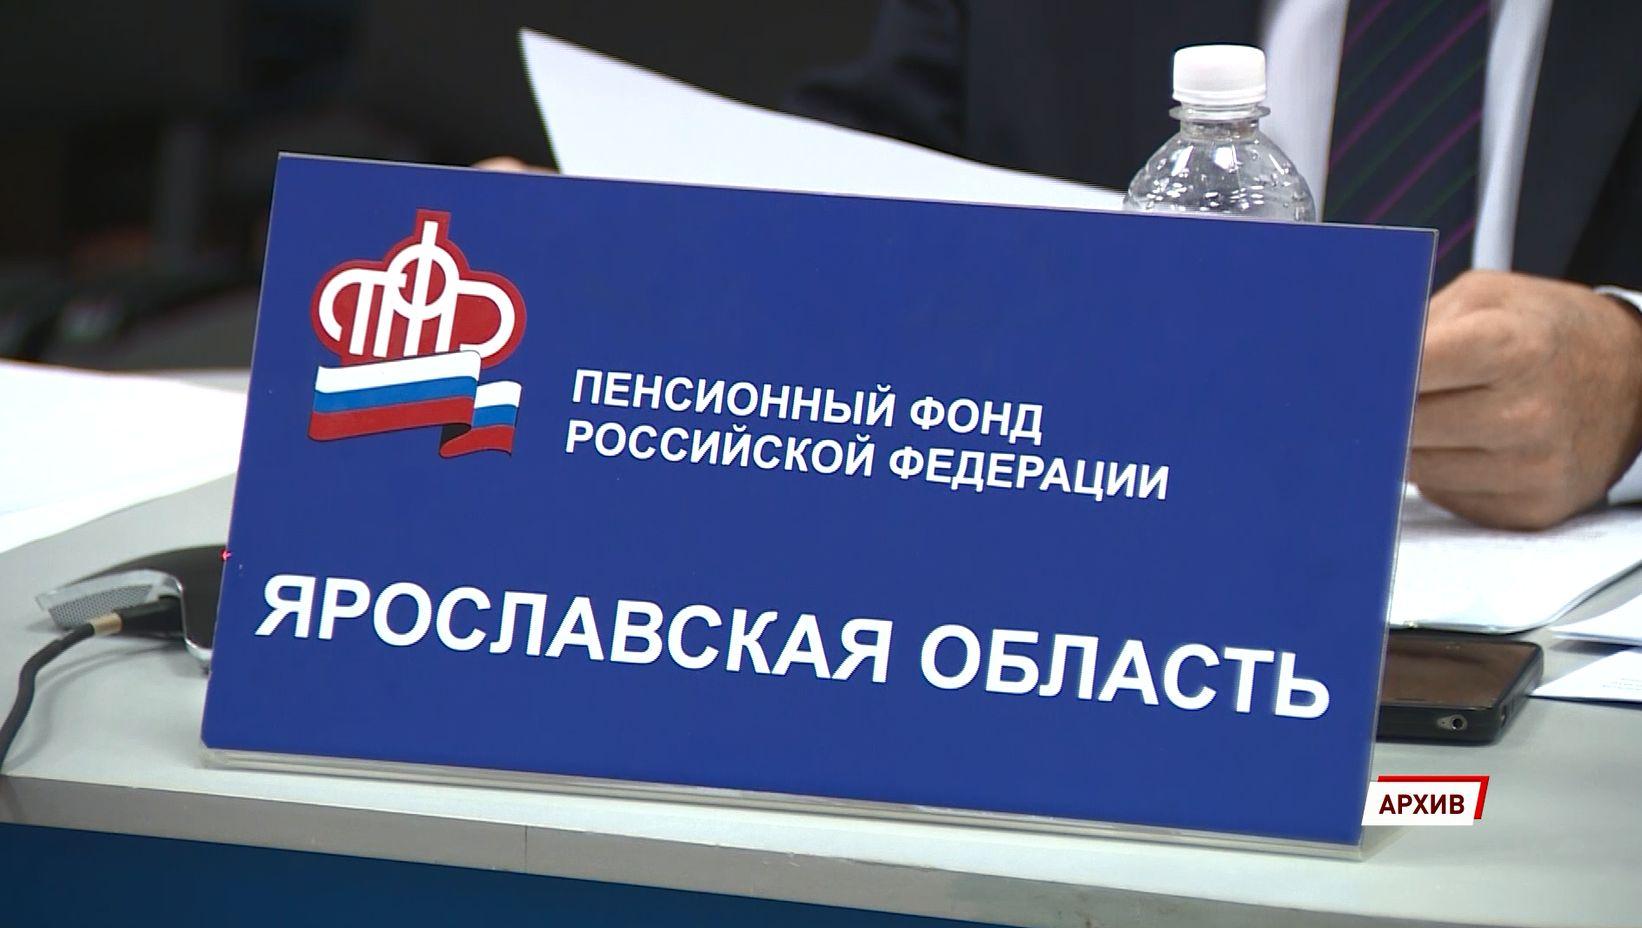 Ярославские пенсионеры вместе со всей страной получат по 10 тысяч рублей в четверг 2 сентября